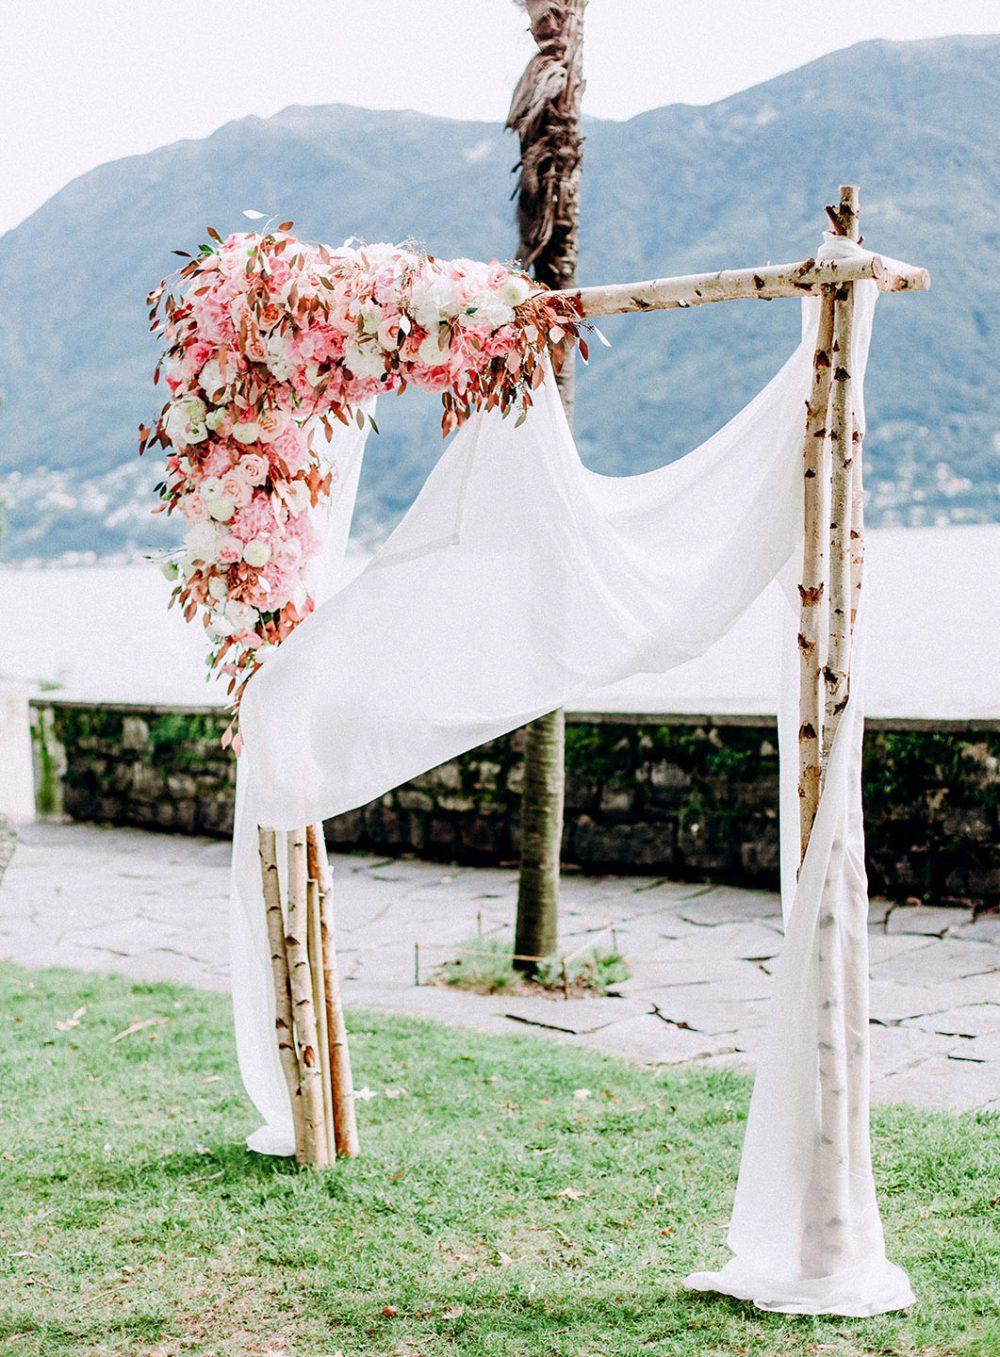 Hochzeit Isole di Brissago Ticino Tessin Italian Wedding Floral Arch Blumenbogen Flower Arch Vintage Hochzeitsdekoration Hochzeitsblumen Tabea Maria-Lisa